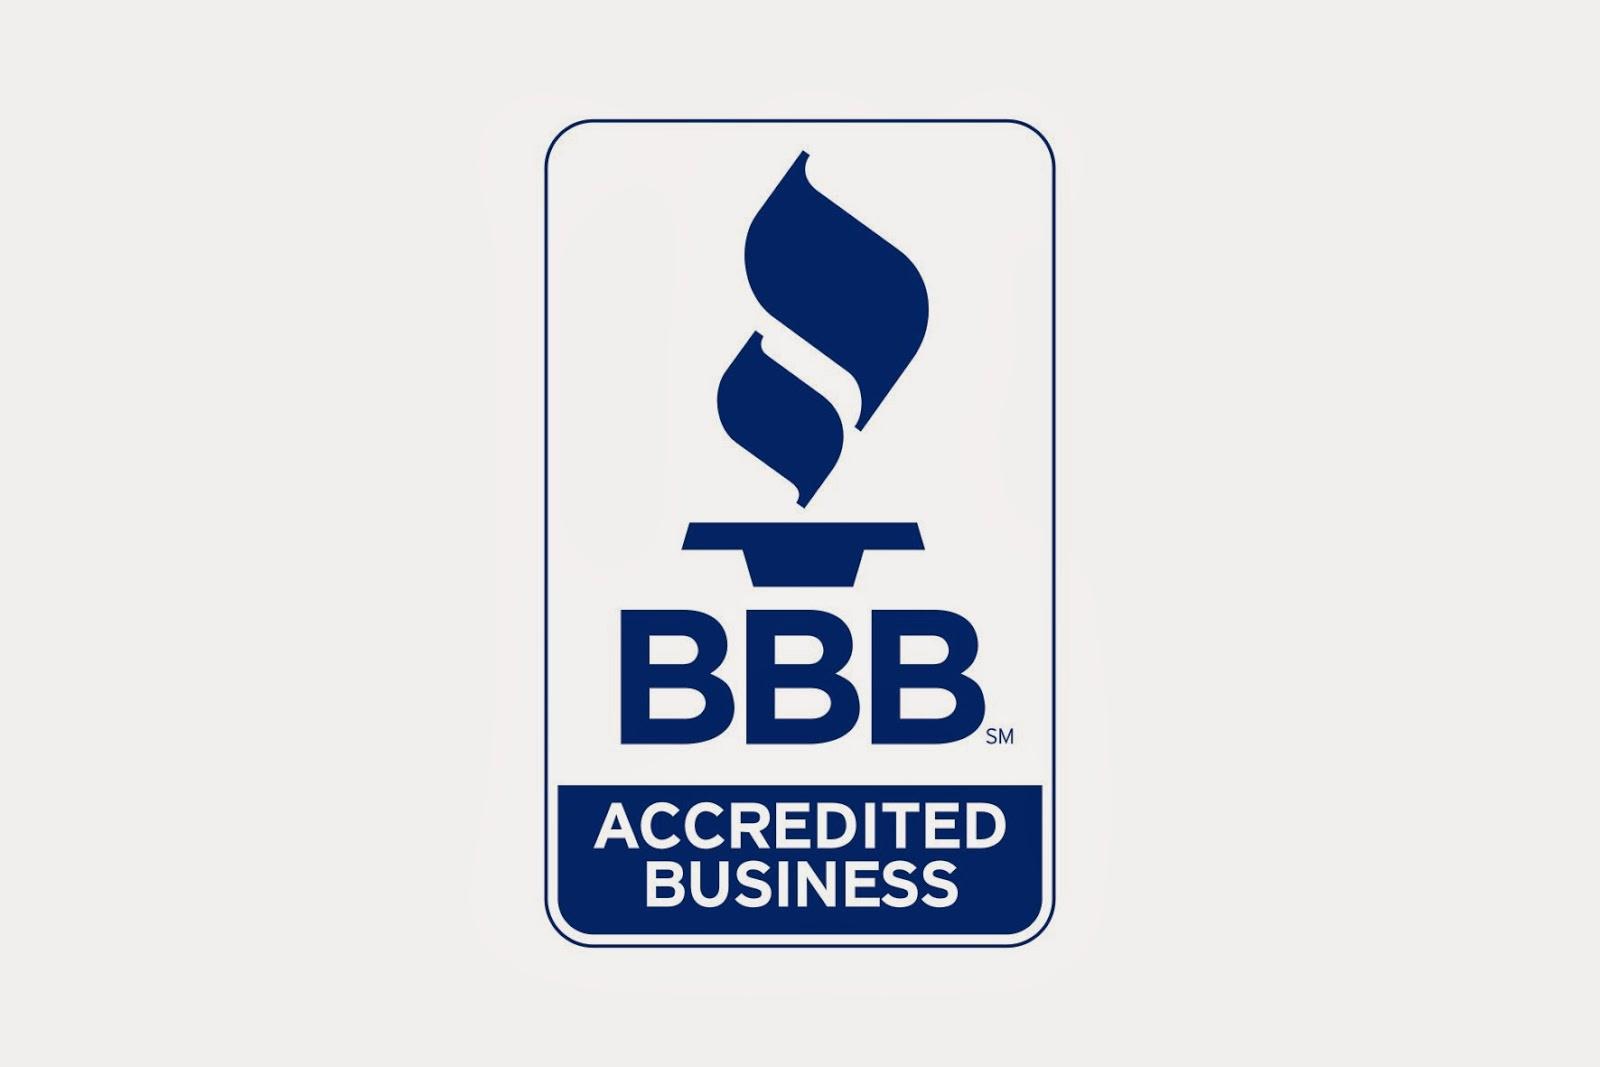 better business bureau logo logo share. Black Bedroom Furniture Sets. Home Design Ideas